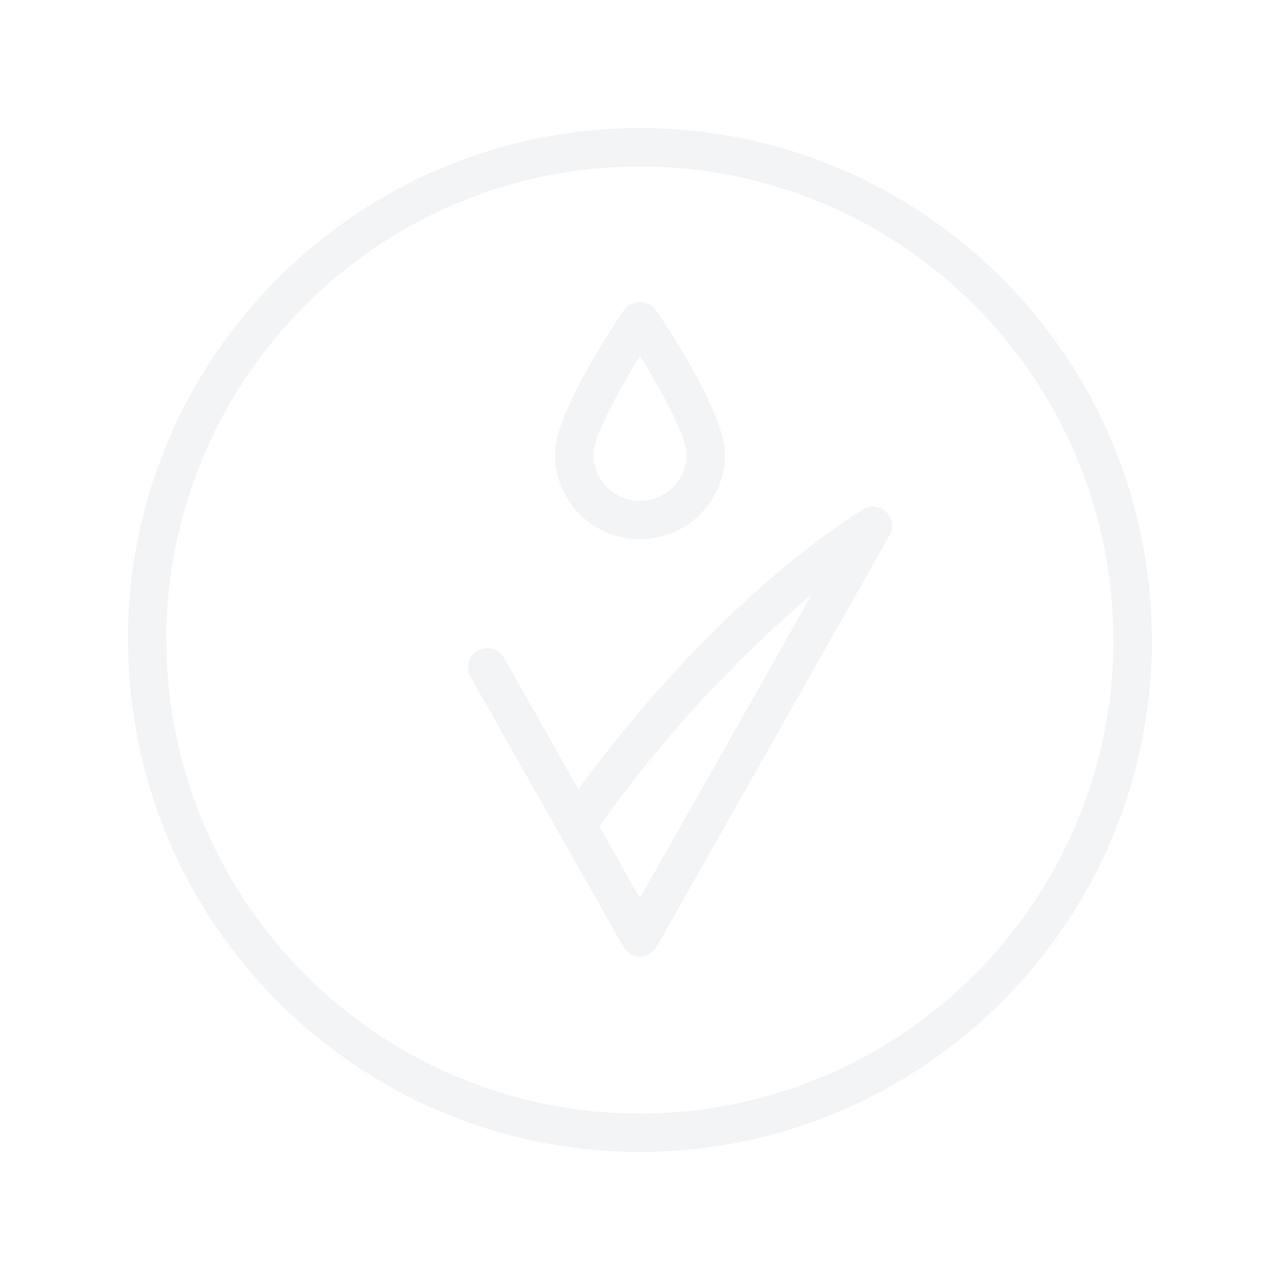 MARC JACOBS Daisy Love 100ml Eau De Toilette Gift Set